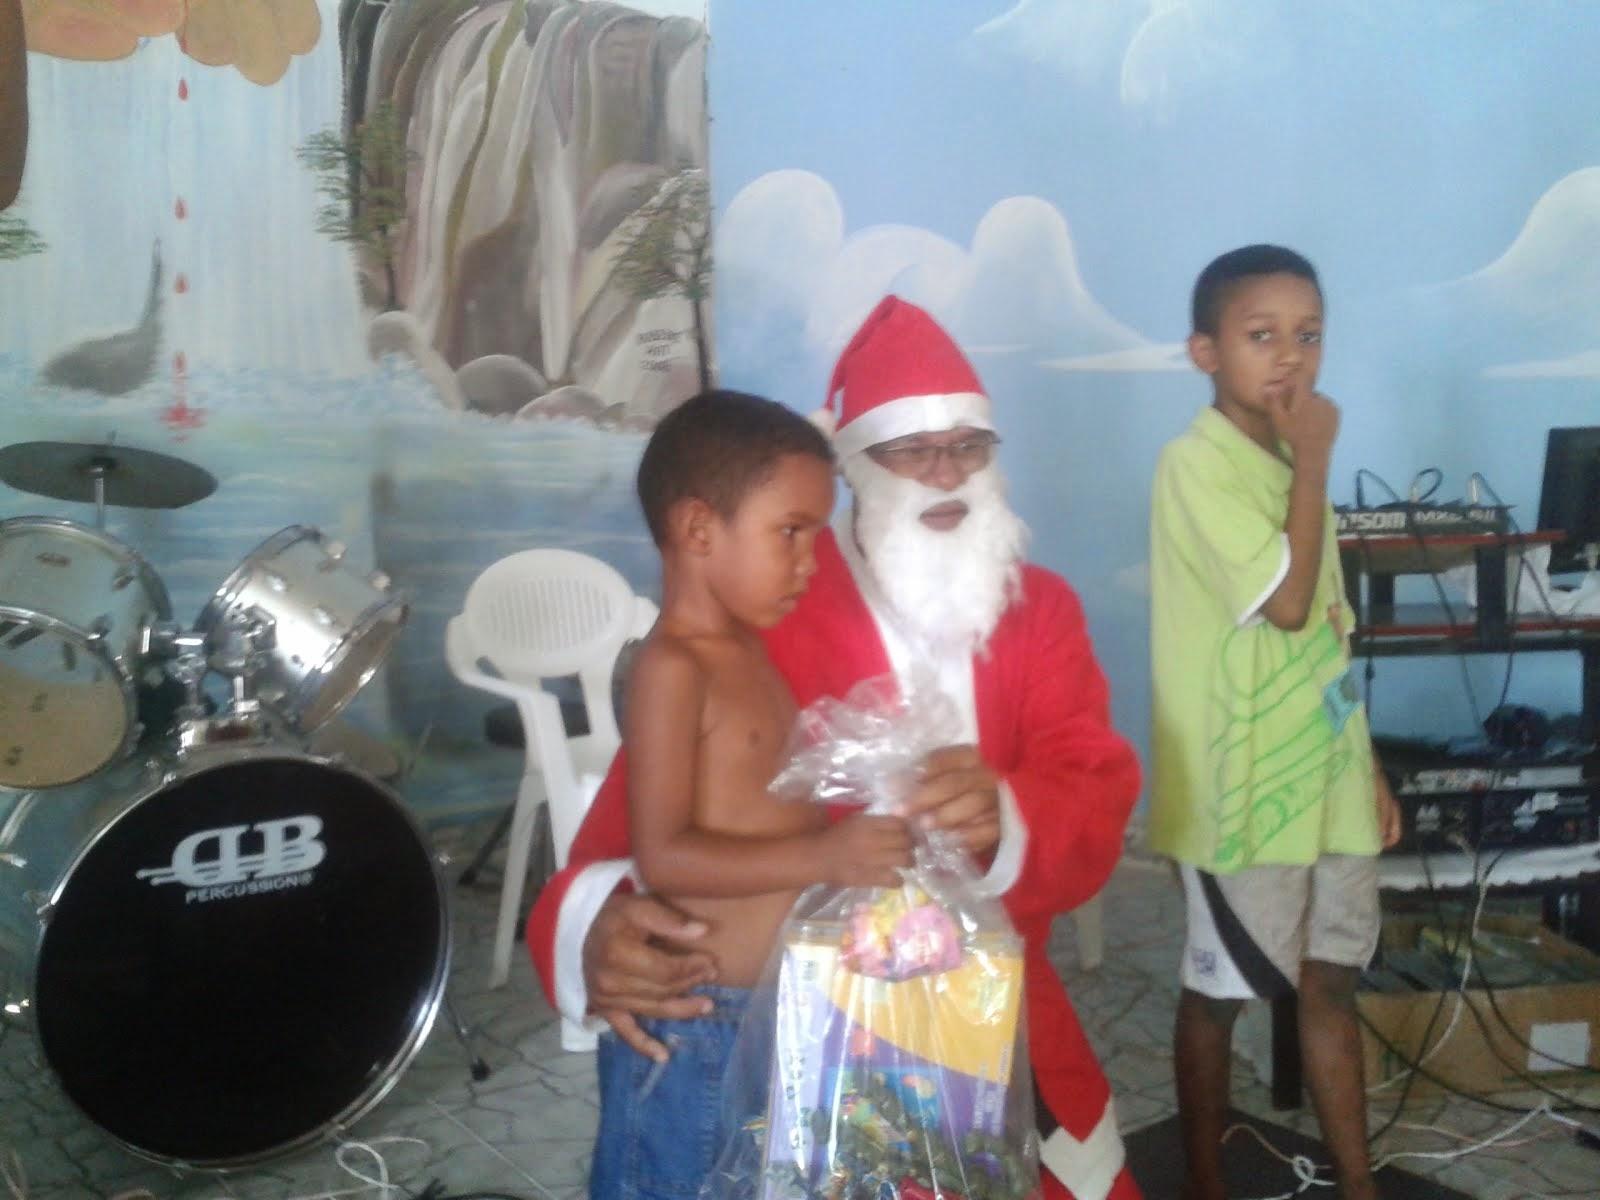 PAPAI NOEL ENTREGANDO OS PRESENTES AS CRIANÇA POBRE DO SERTÃO DA BAHIA